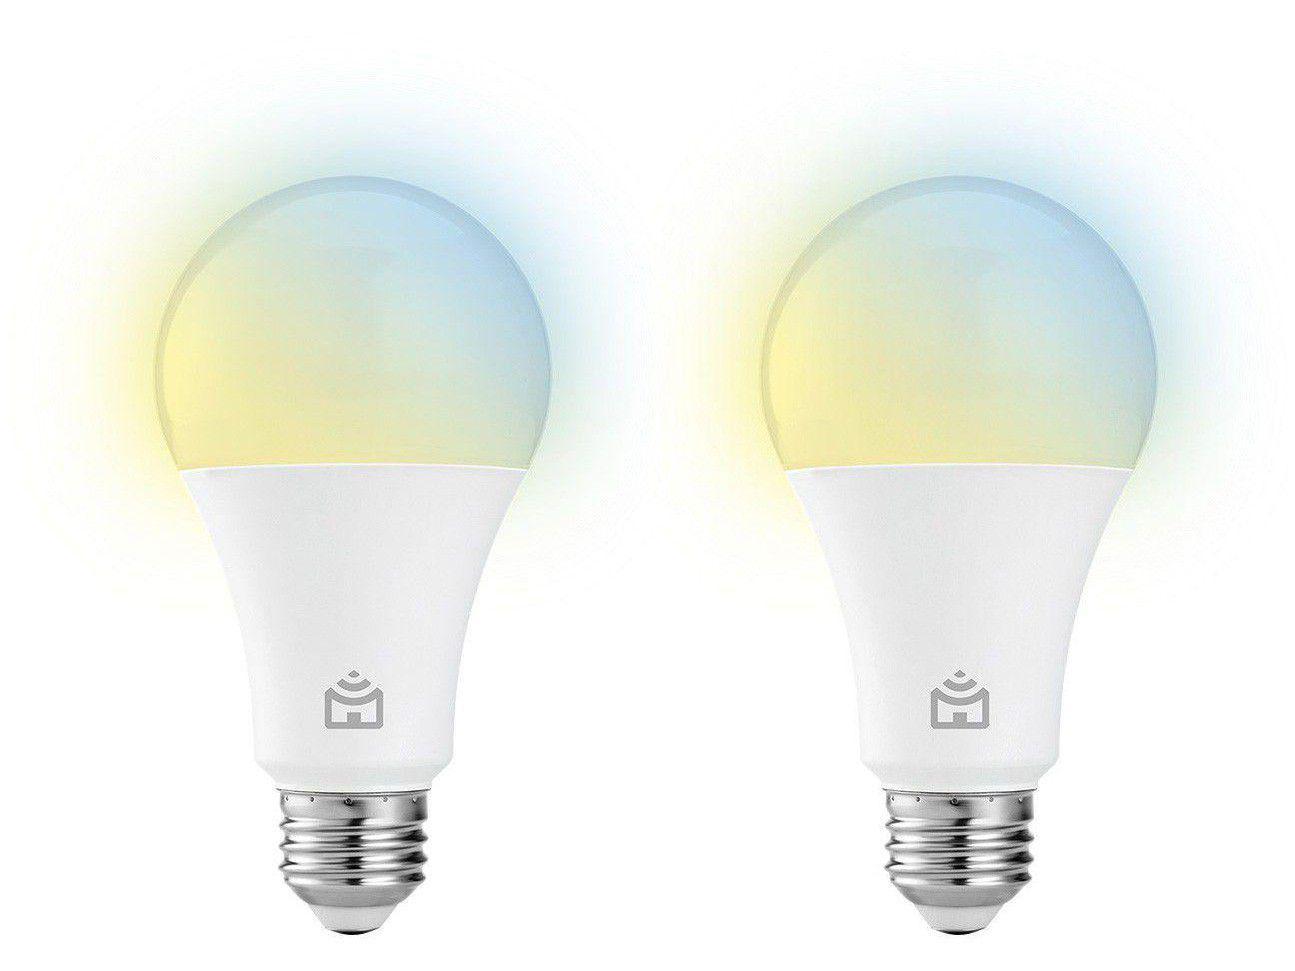 Kit Lâmpadas Inteligentes LED 2 Unidades E27 9W - Positivo Home Smart